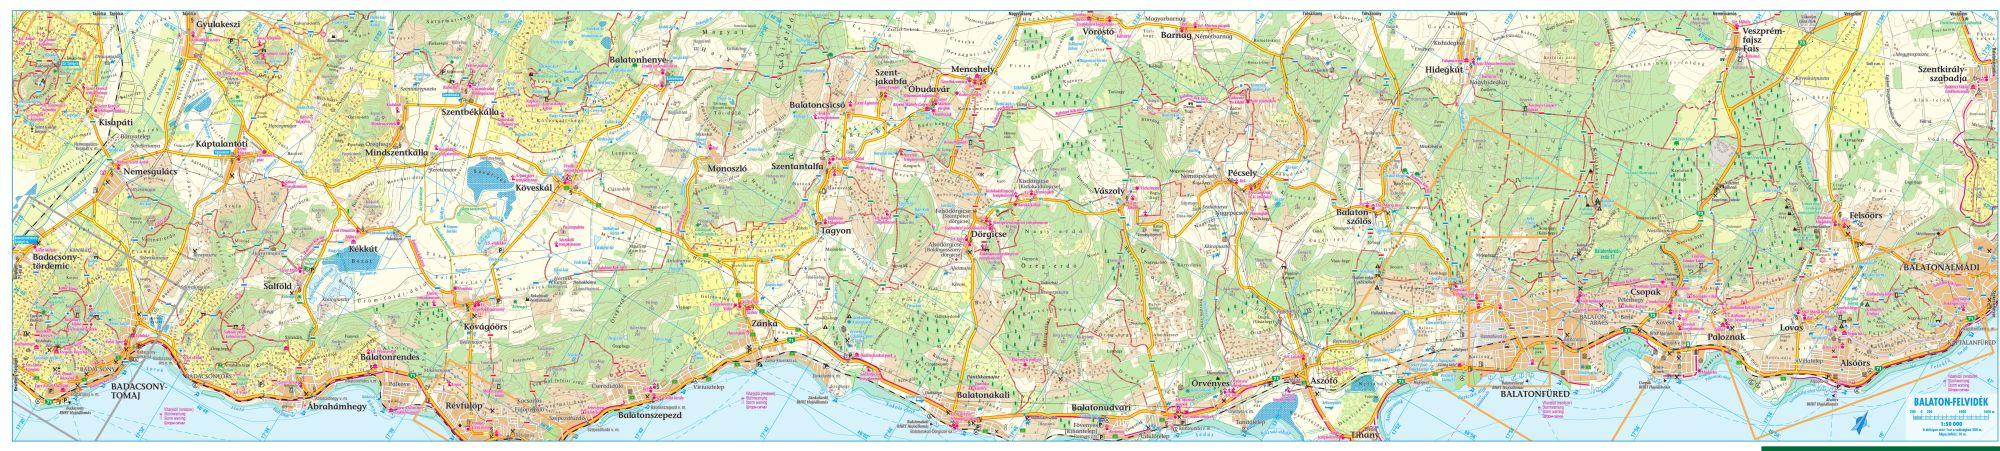 A Balaton-felvidék térkép által lefedett terület